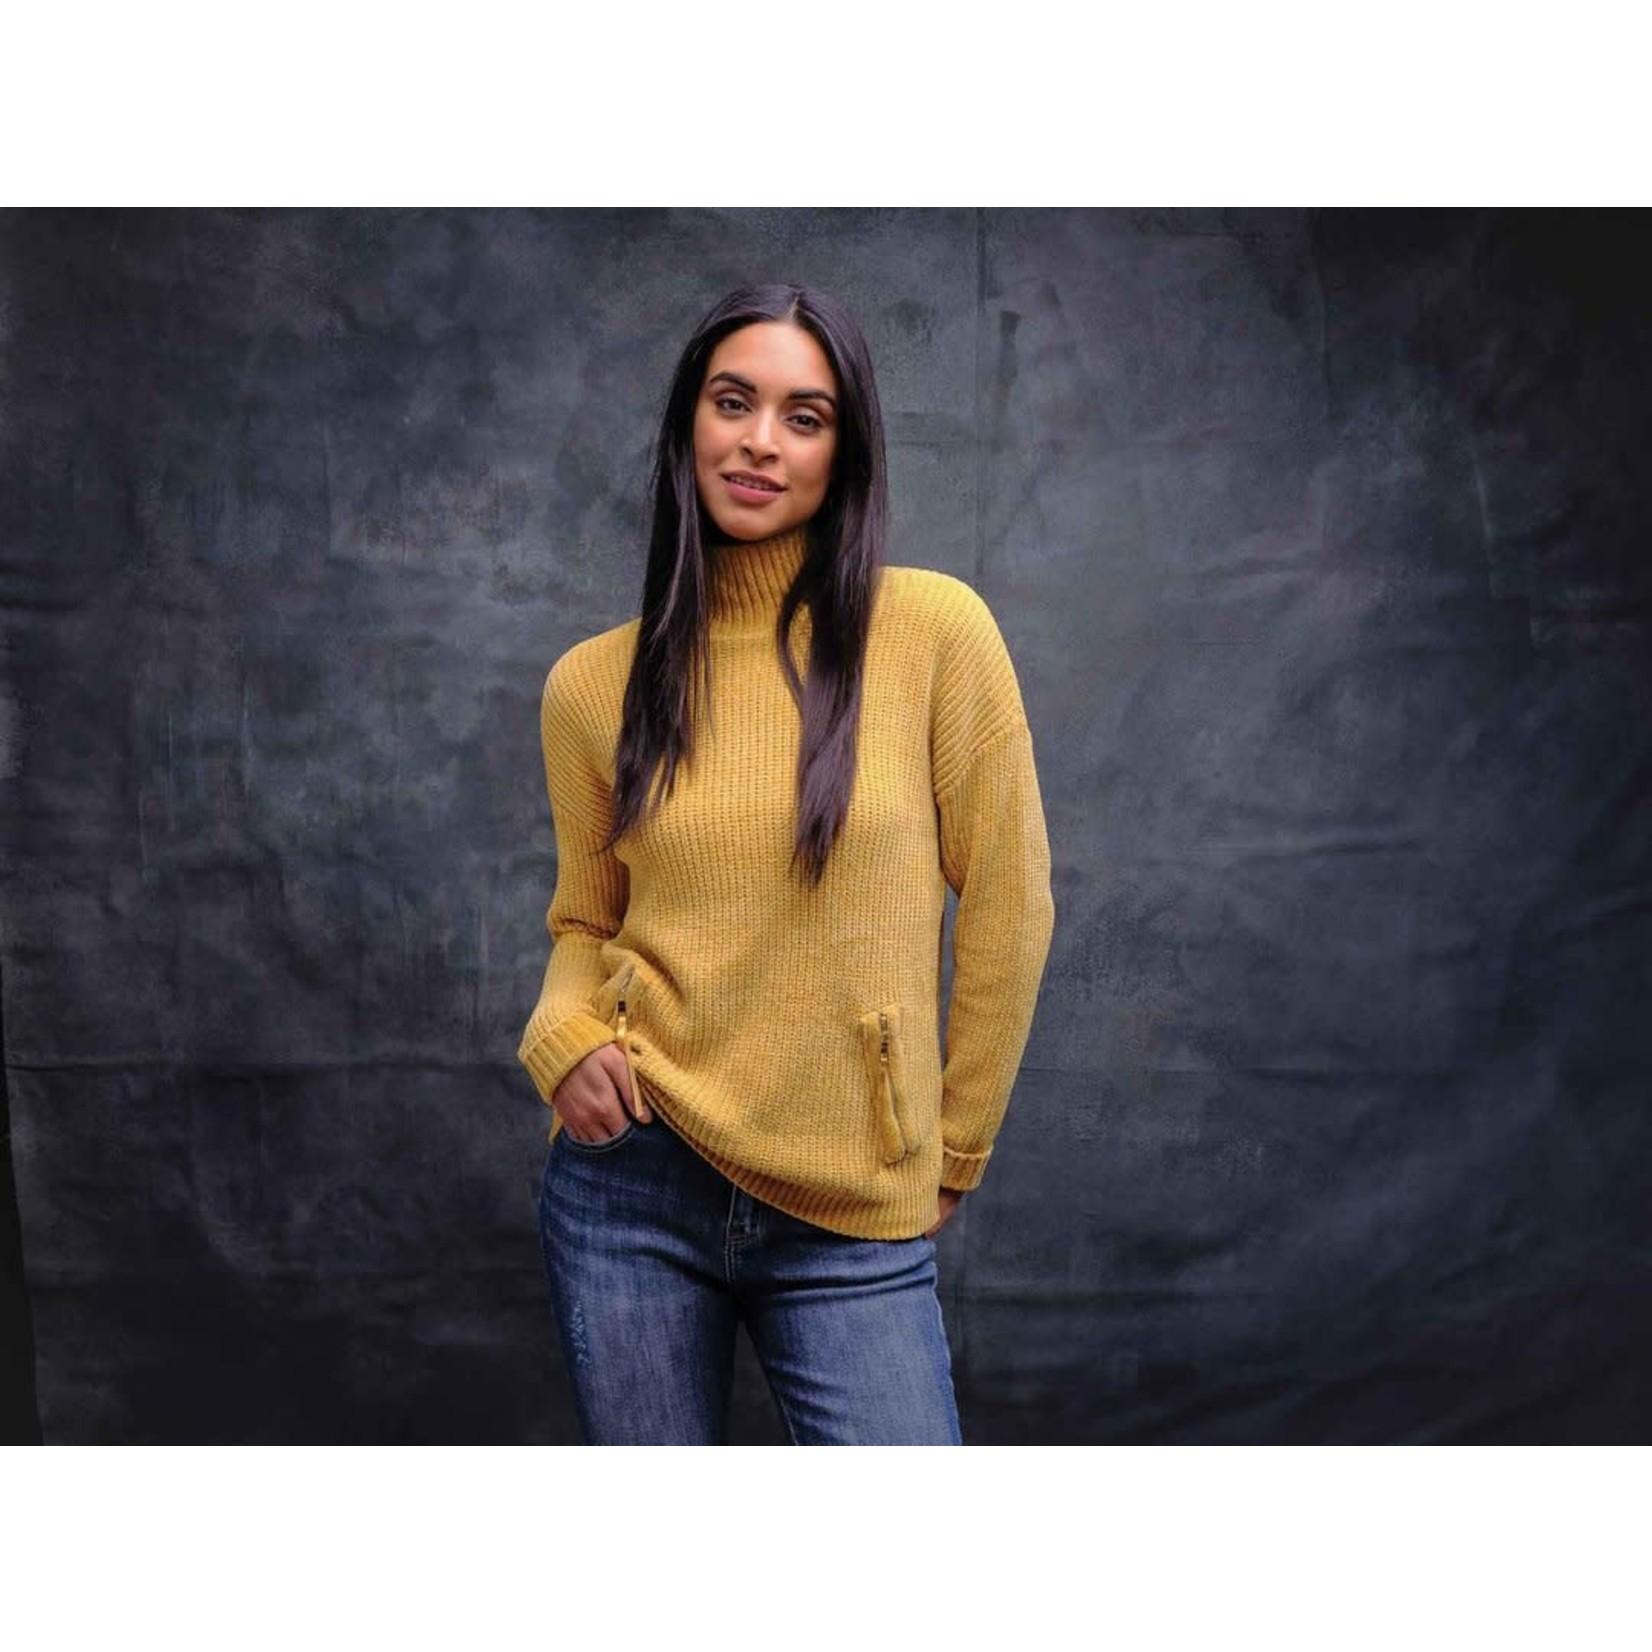 Elena Wang Mock Neck Sweater W/Zipper Detail  in Mustard